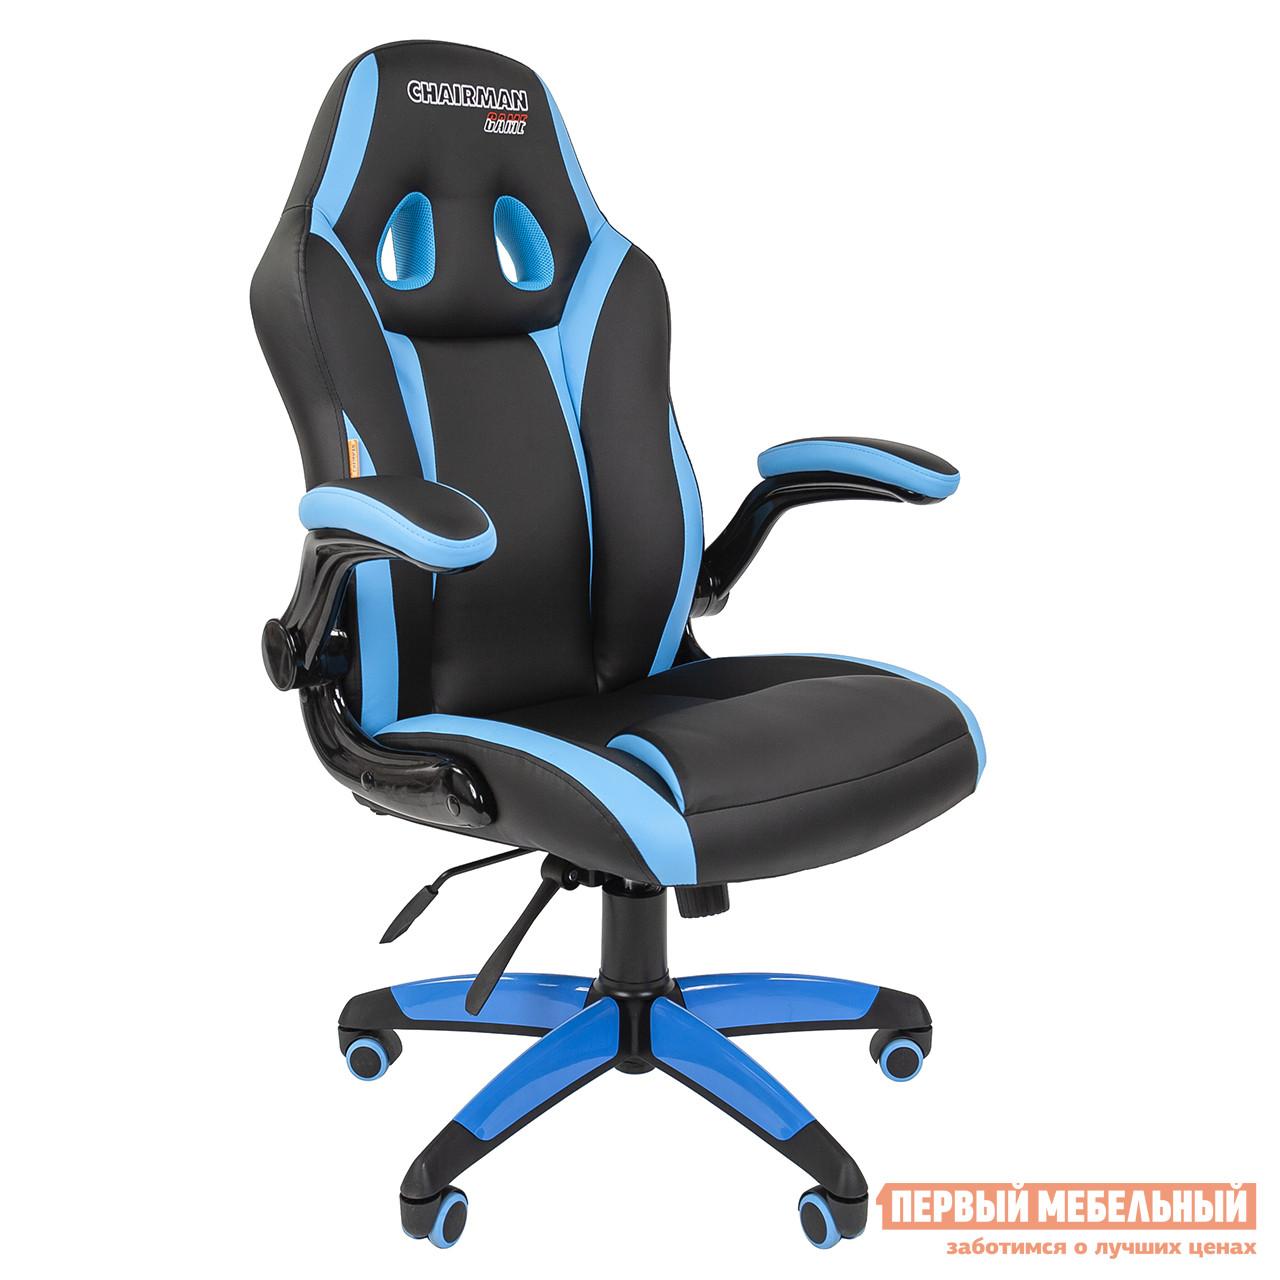 Игровое кресло  Игровое кресло Chairman Game 15 Экокожа черный/голубой — Игровое кресло Chairman Game 15 Экокожа черный/голубой